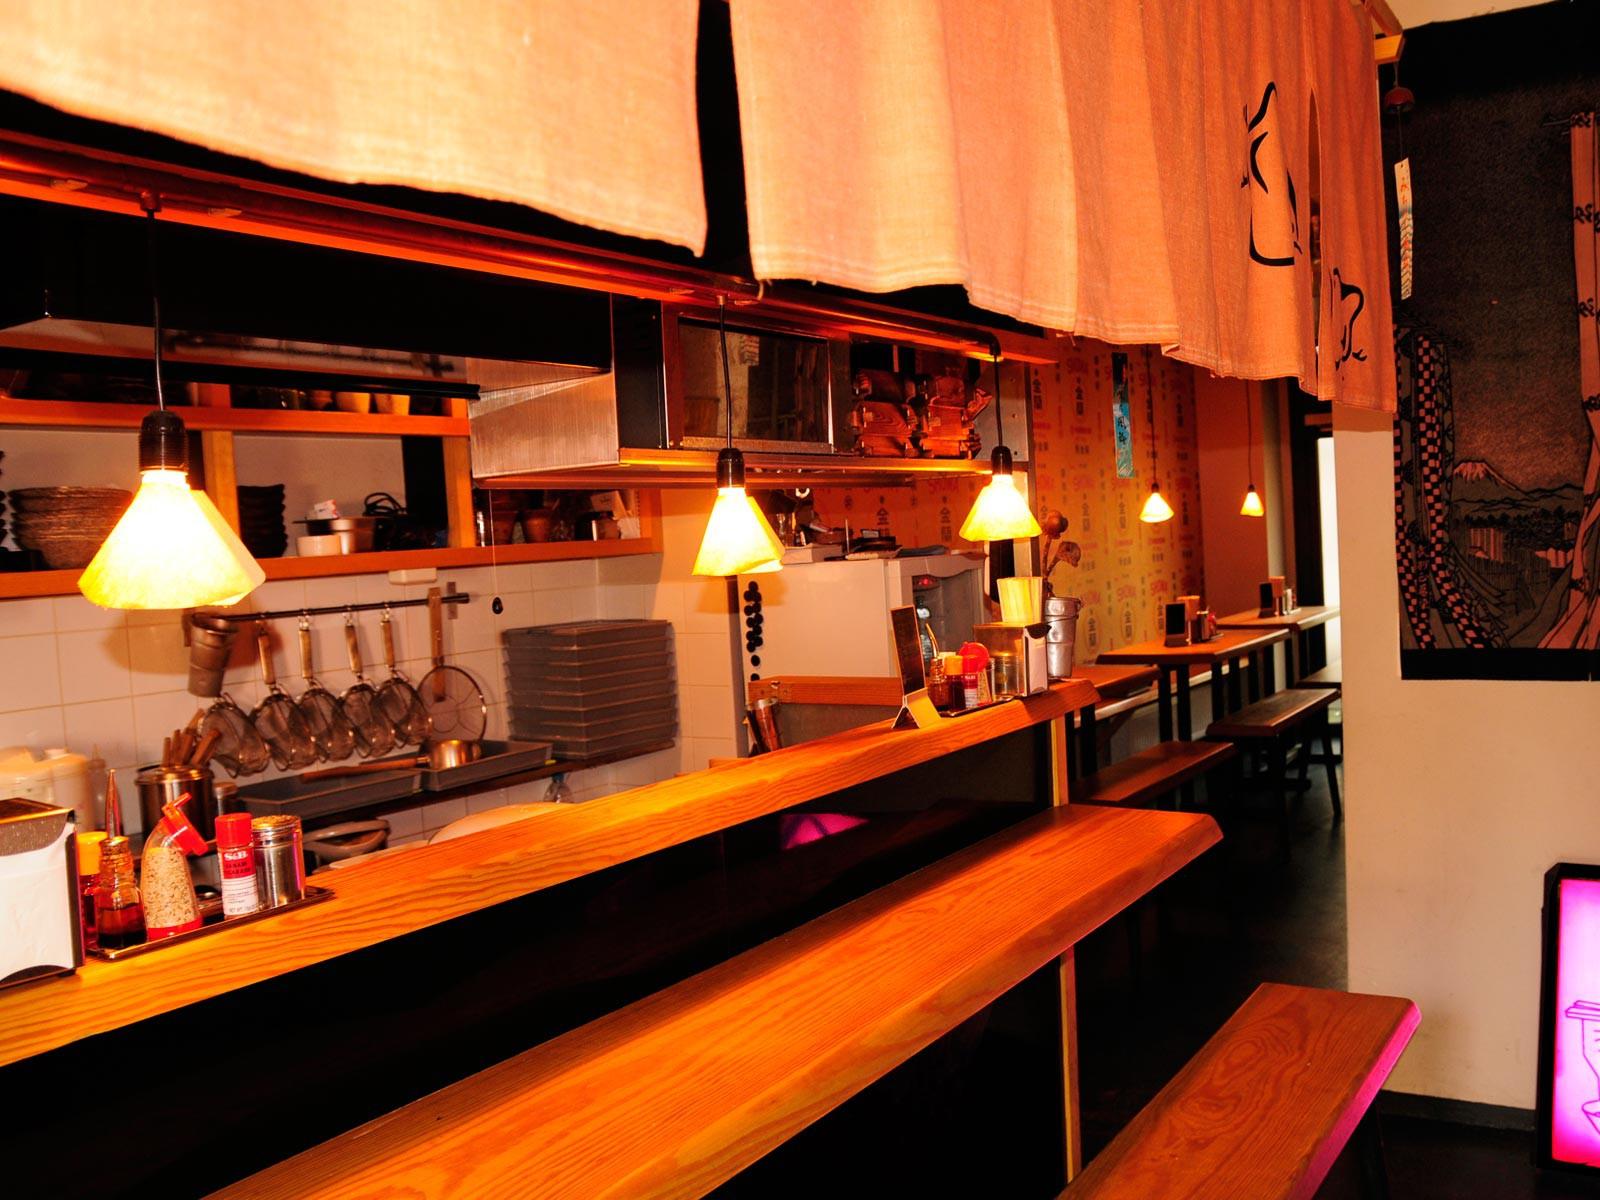 Cocolo Ramen - KUCHI RESTAURANTSKUCHI RESTAURANTS - Das Sushi Restaurant in Berlin Mitte und Berlin Charlottenburg